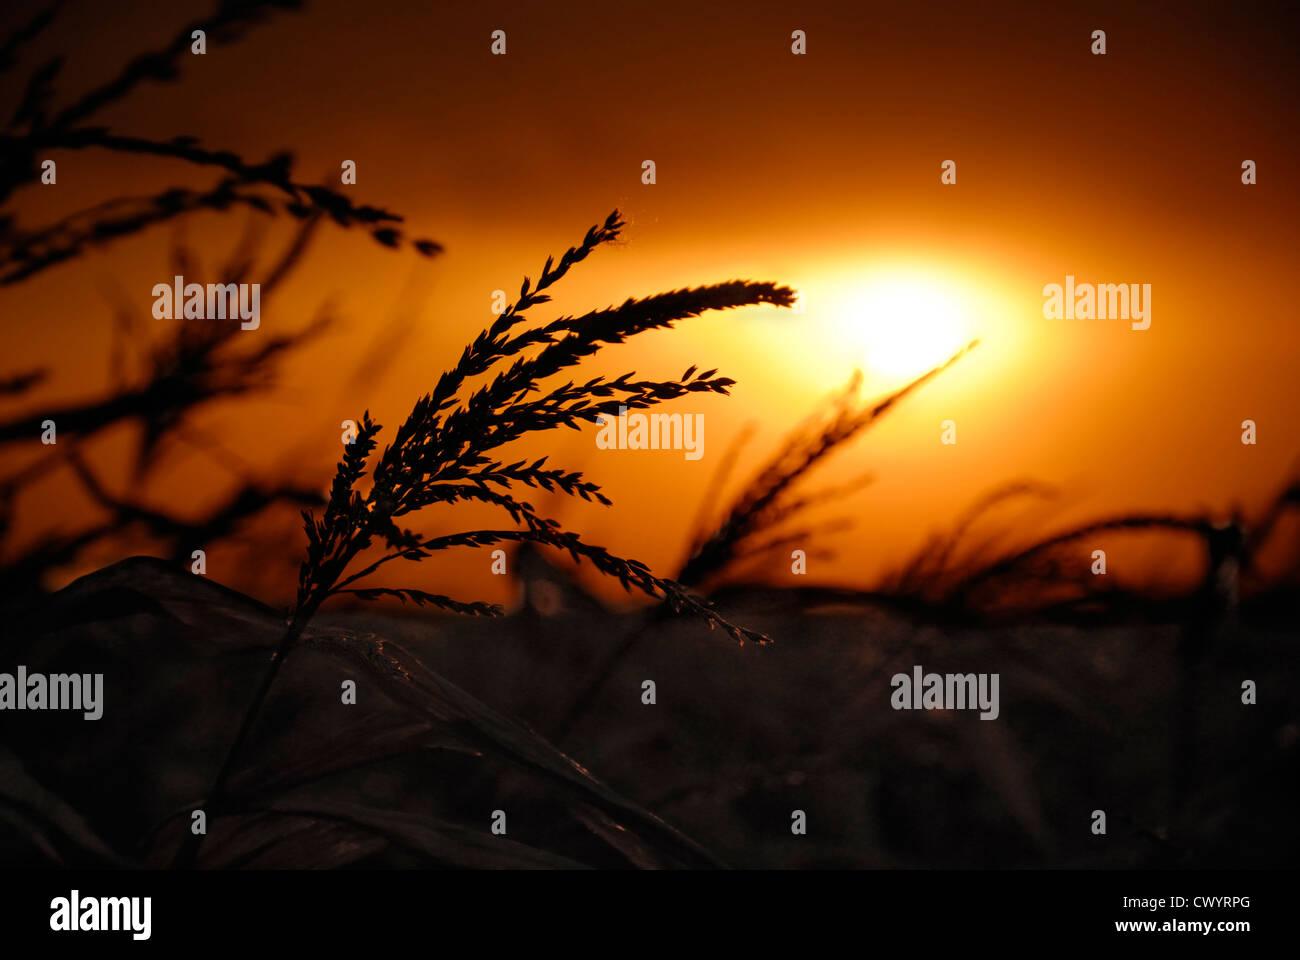 Coucher de soleil nuageux sombre dramatique Photo Stock